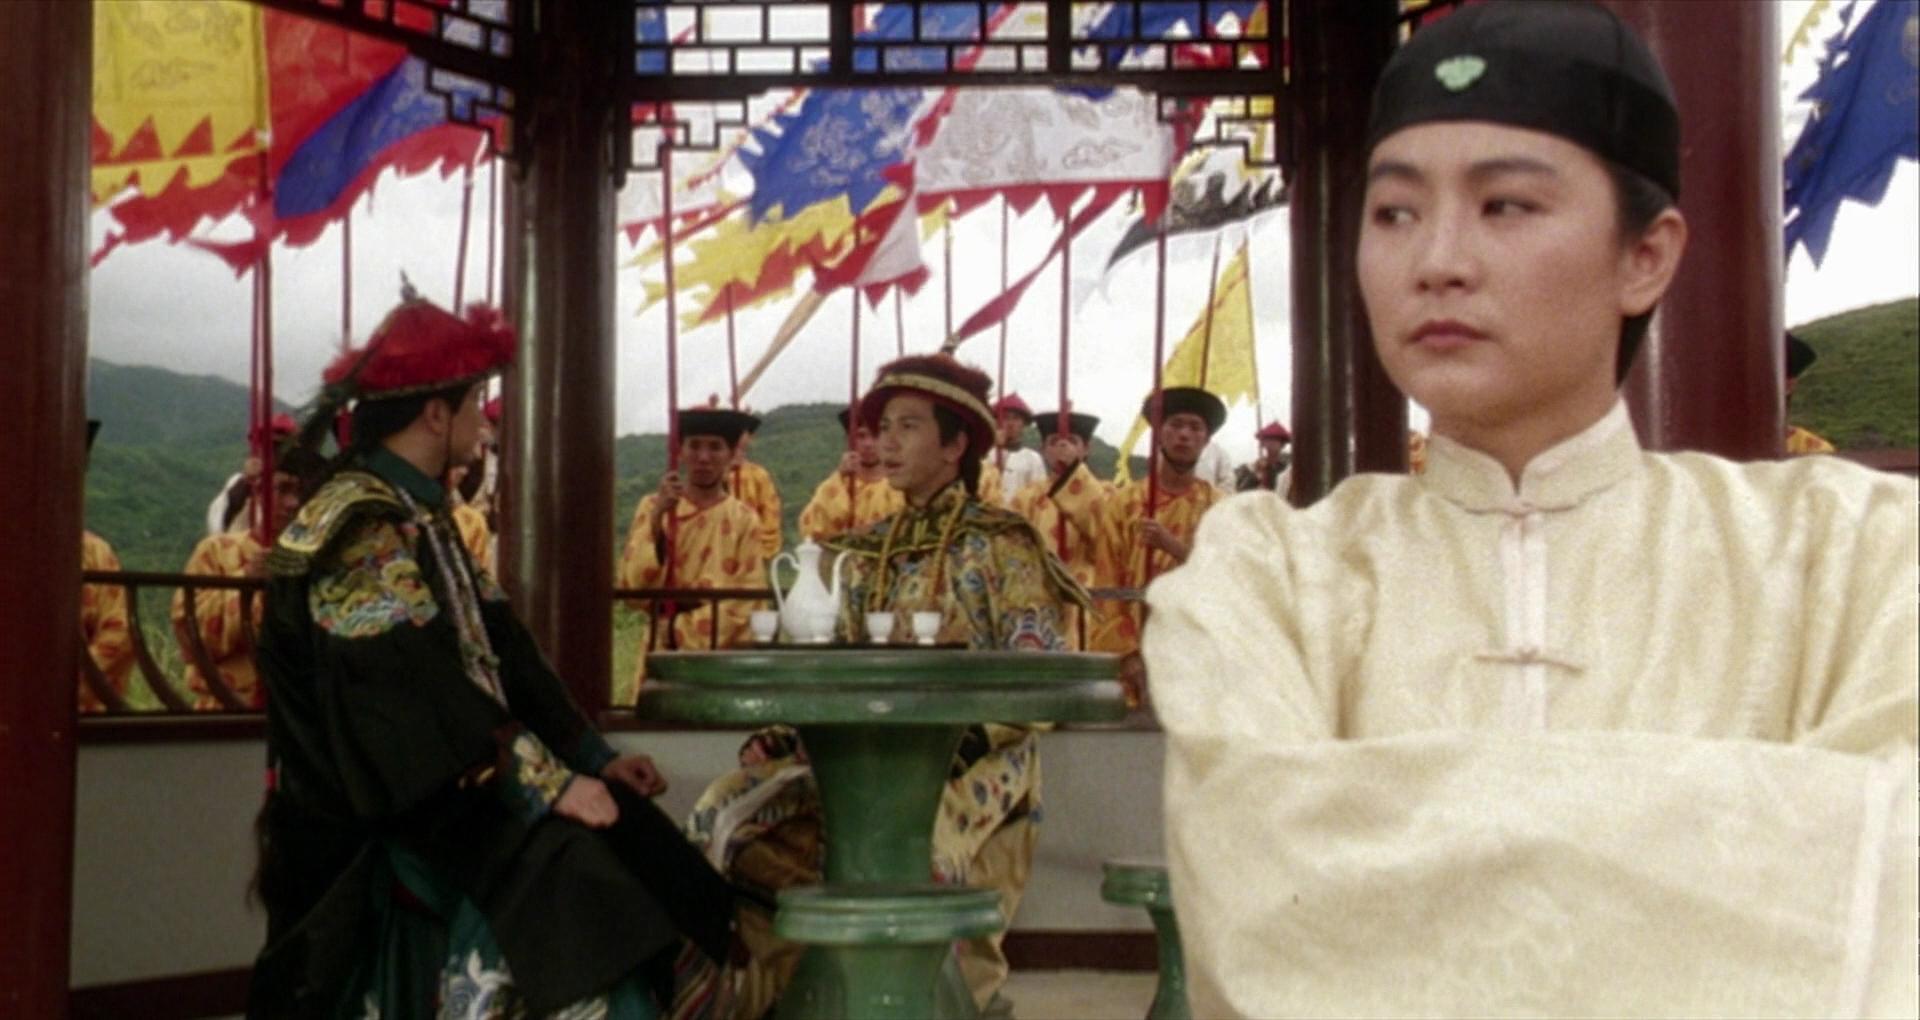 Hài] Royal Tramp Duology (1992-1992) BluRay 1080p DD5.1 x264-MTeam|CHD~USLT  ~ Tân Lộc Đỉnh Ký 1-2 | HDVietnam.com